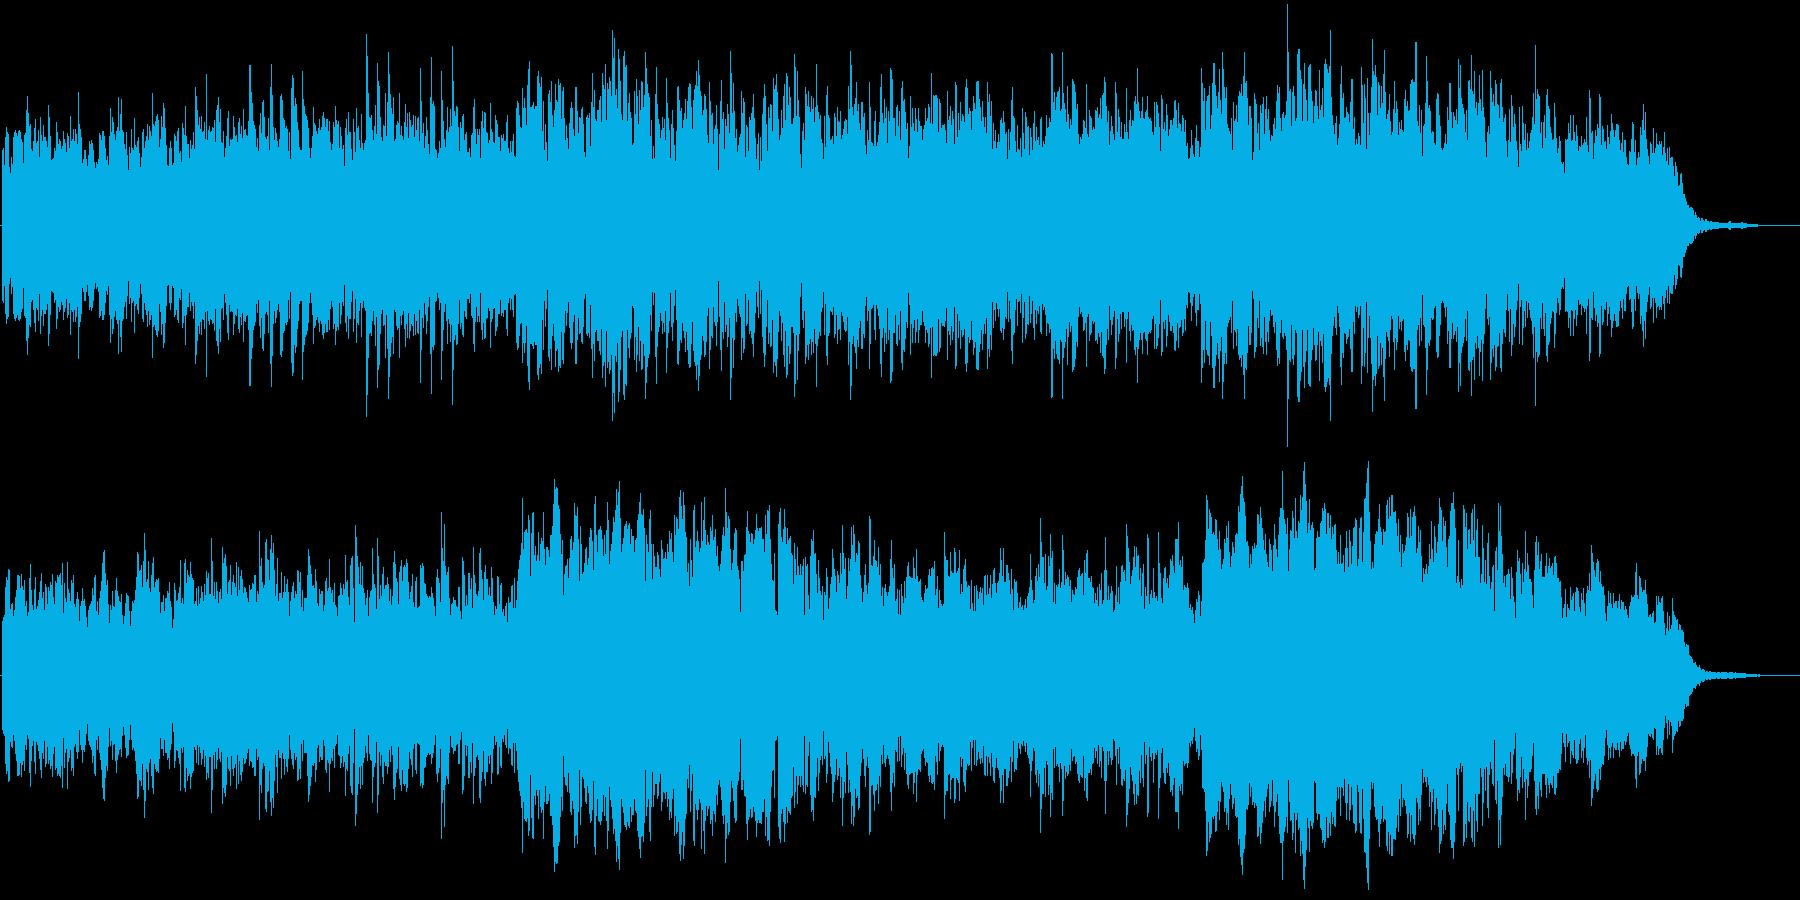 企業VPや映像に わくわくする静けさの再生済みの波形